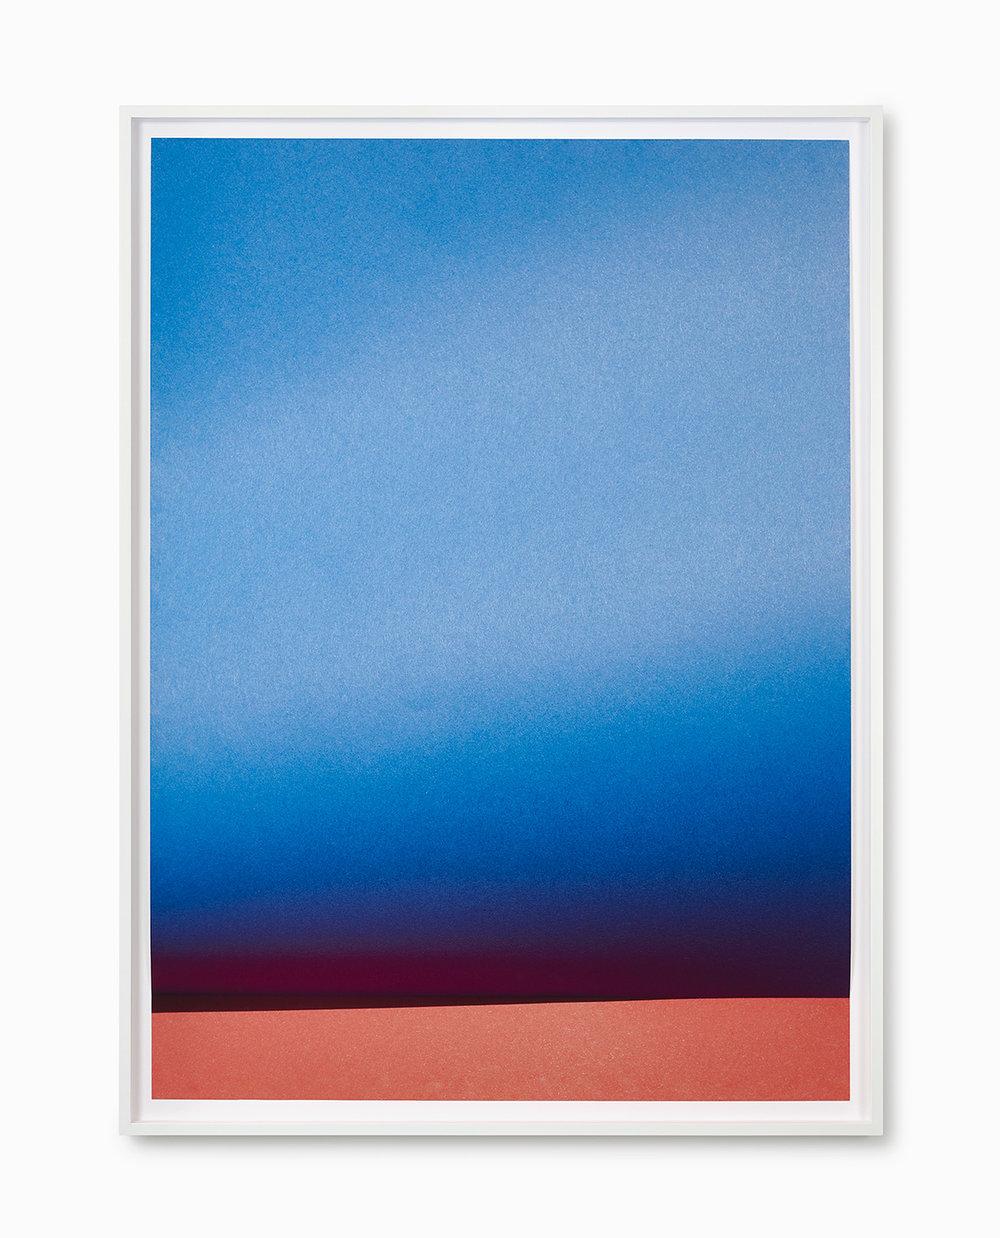 Johanna von Monkiewitsch untitled (15.4.2015 / 13:26) 2017 Pigmentdruck auf Hahnemühle, gefalzt und hinter entspiegeltem Glas gerahmt 160 x 116 cm o.R. / 168 x 125 cm m.R.